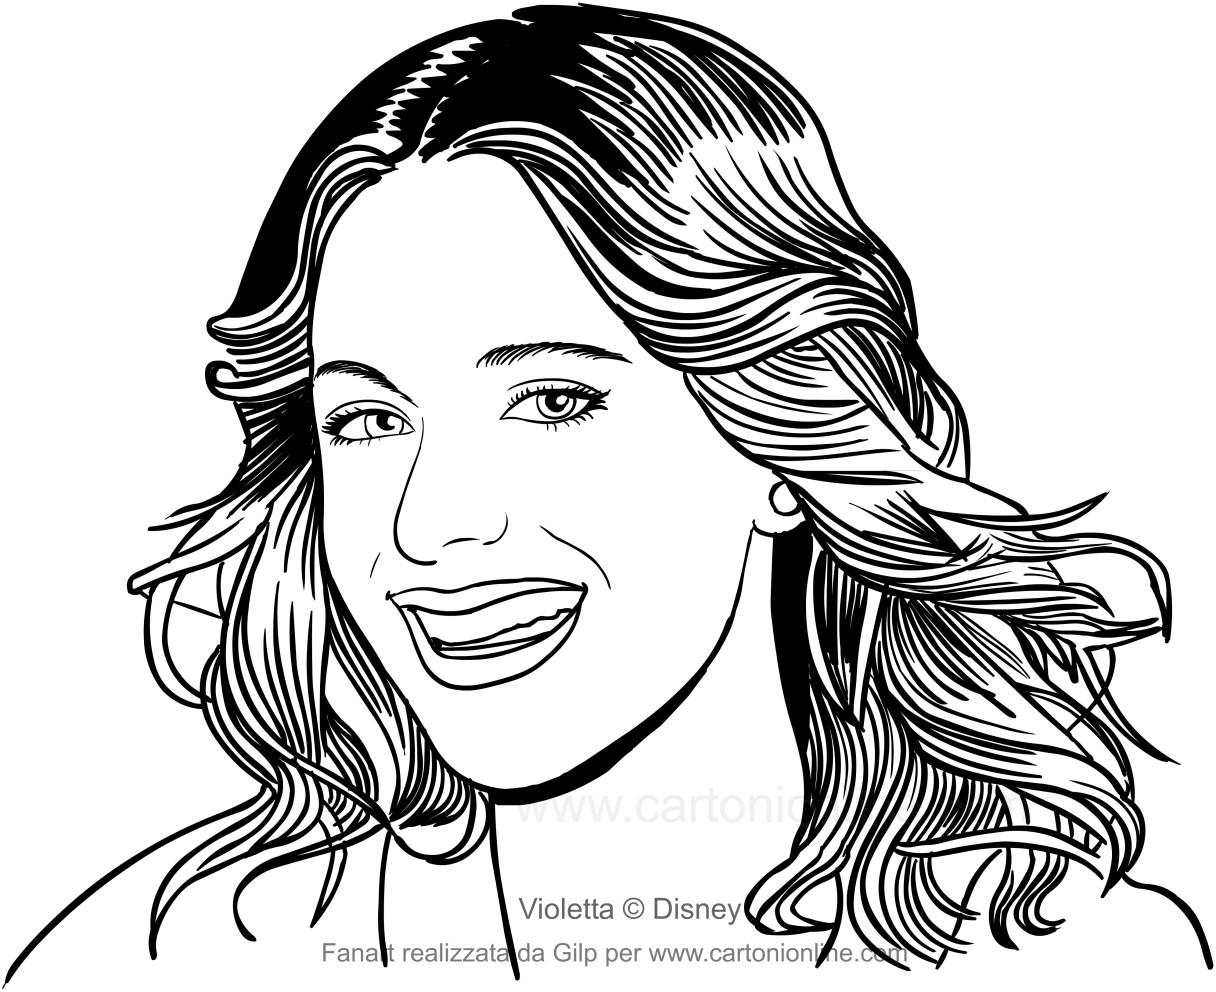 フォアグラウンドのヴィオレッタの絵を笑顔で印刷して色付け